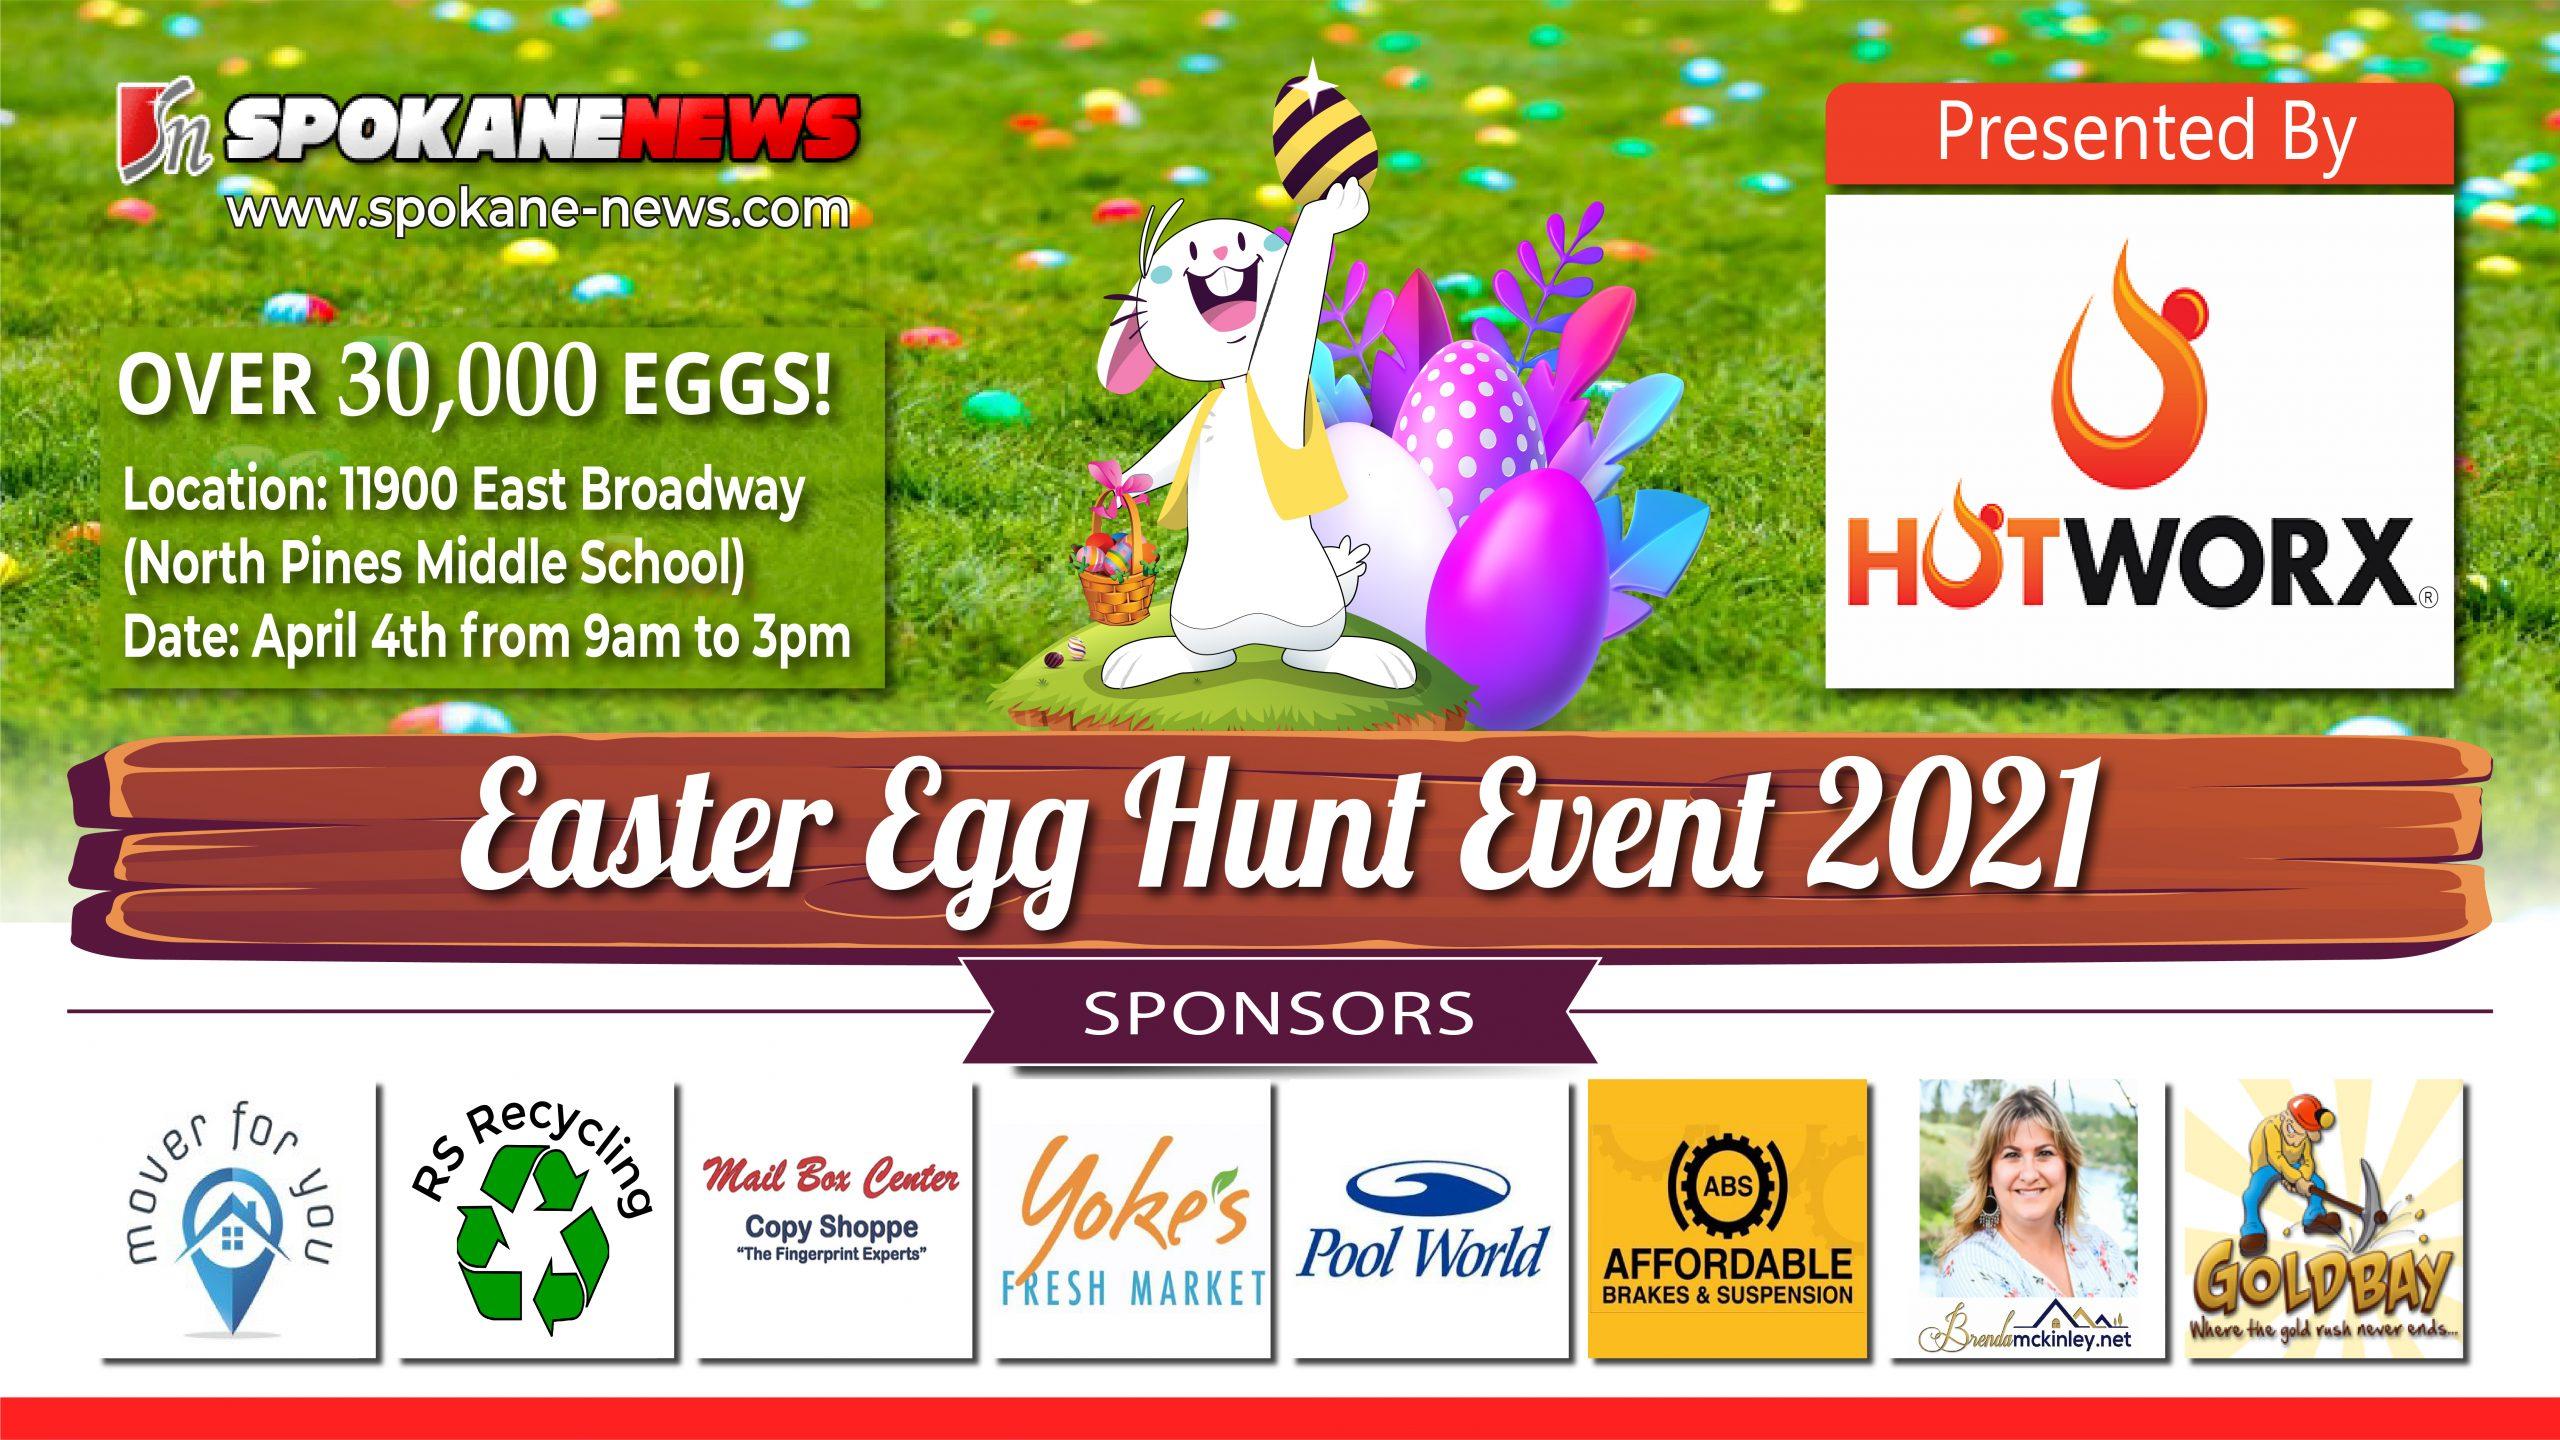 Spokane News Easter Egg Hunt 2021